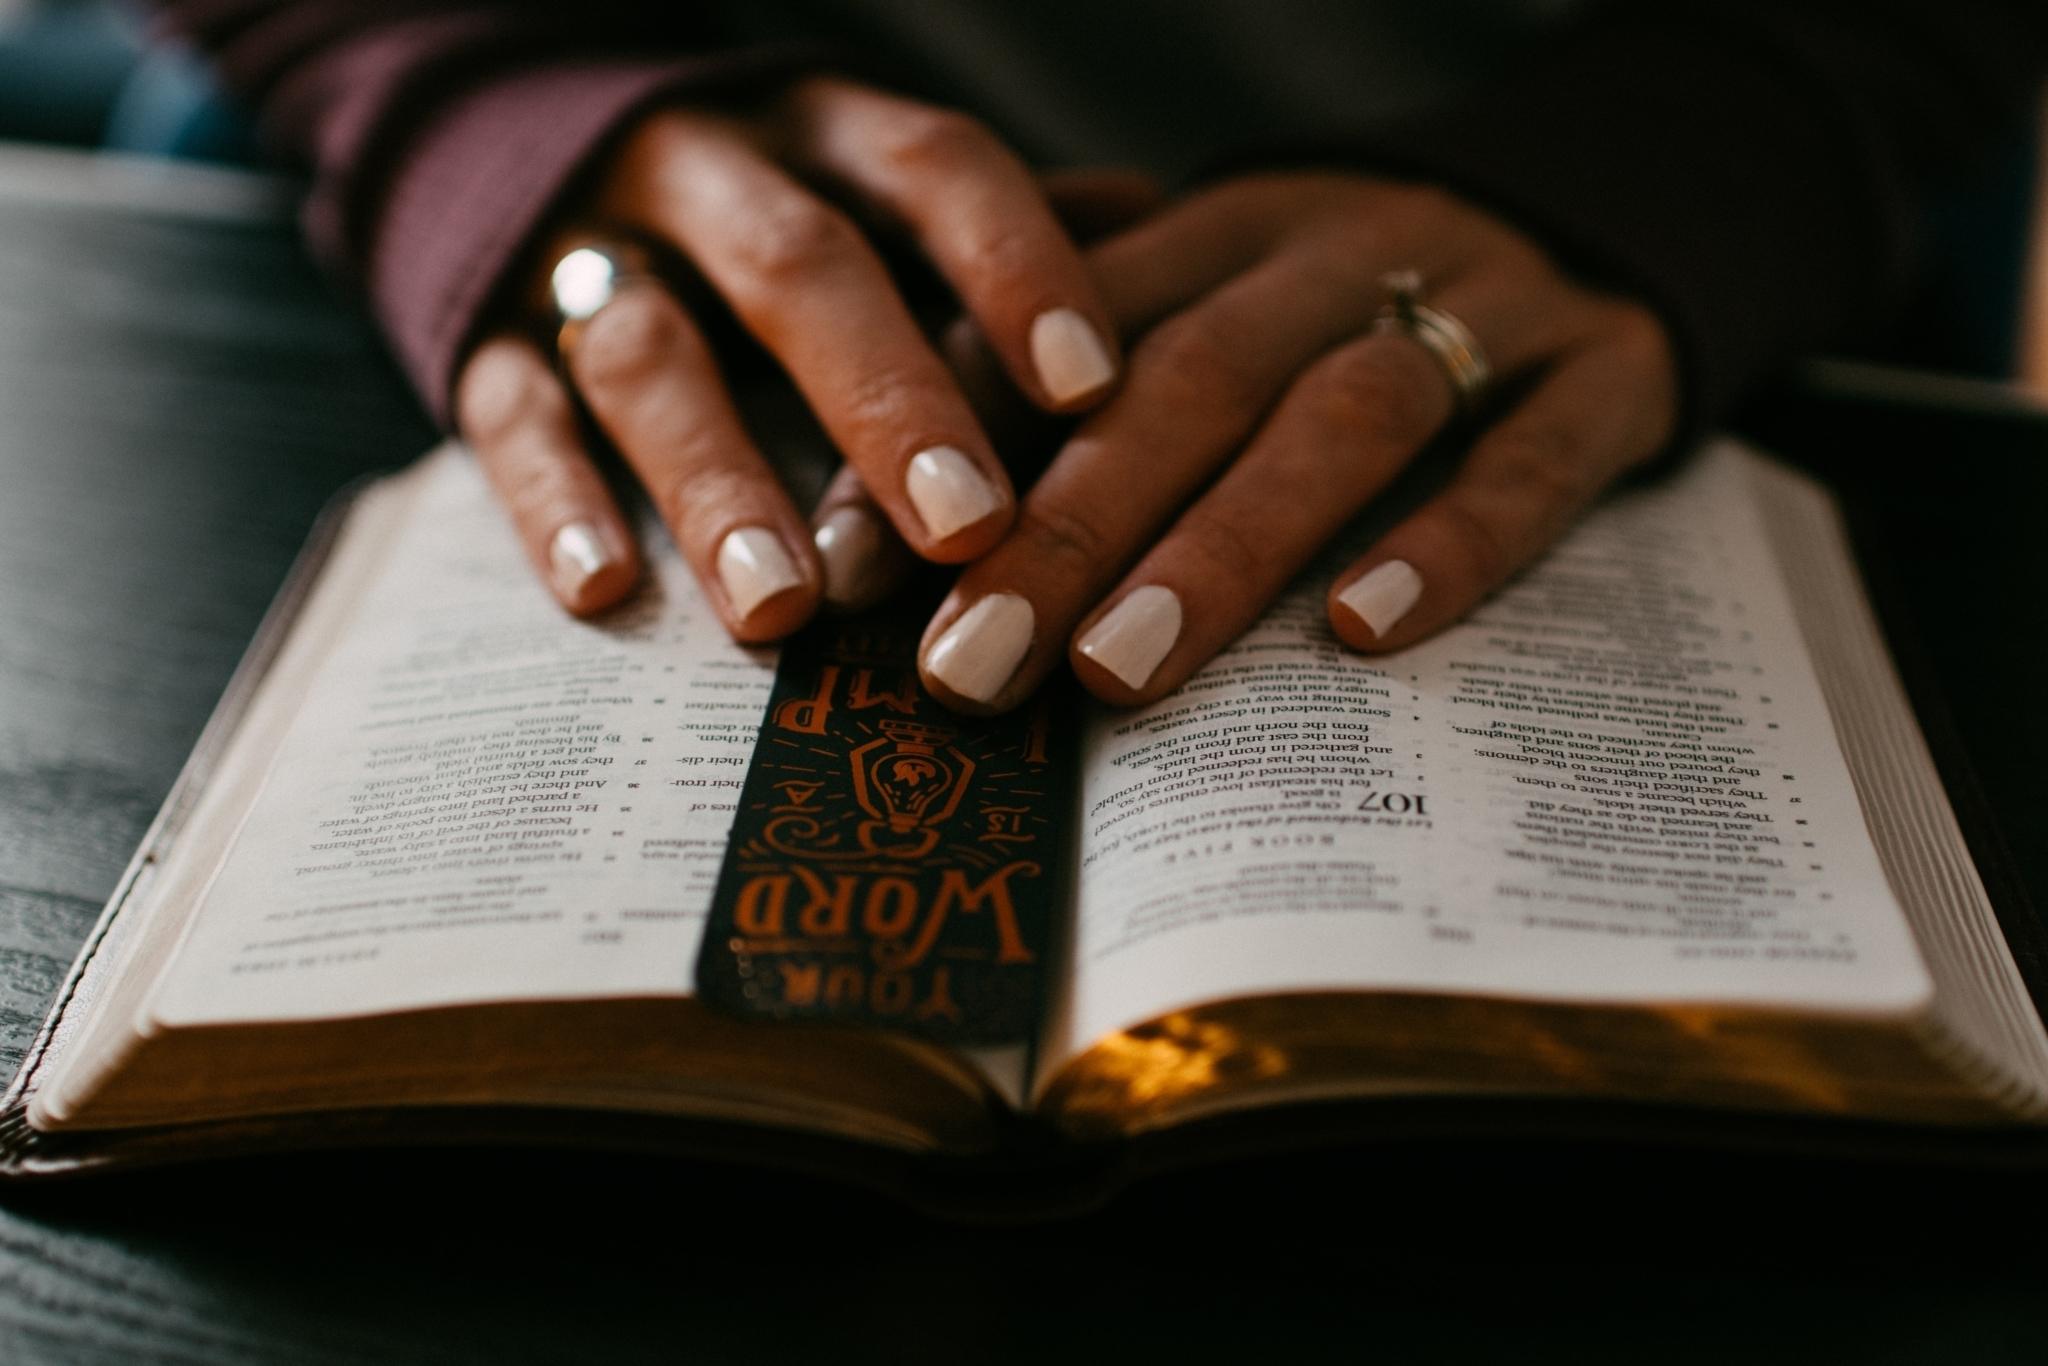 Prayer bible hands